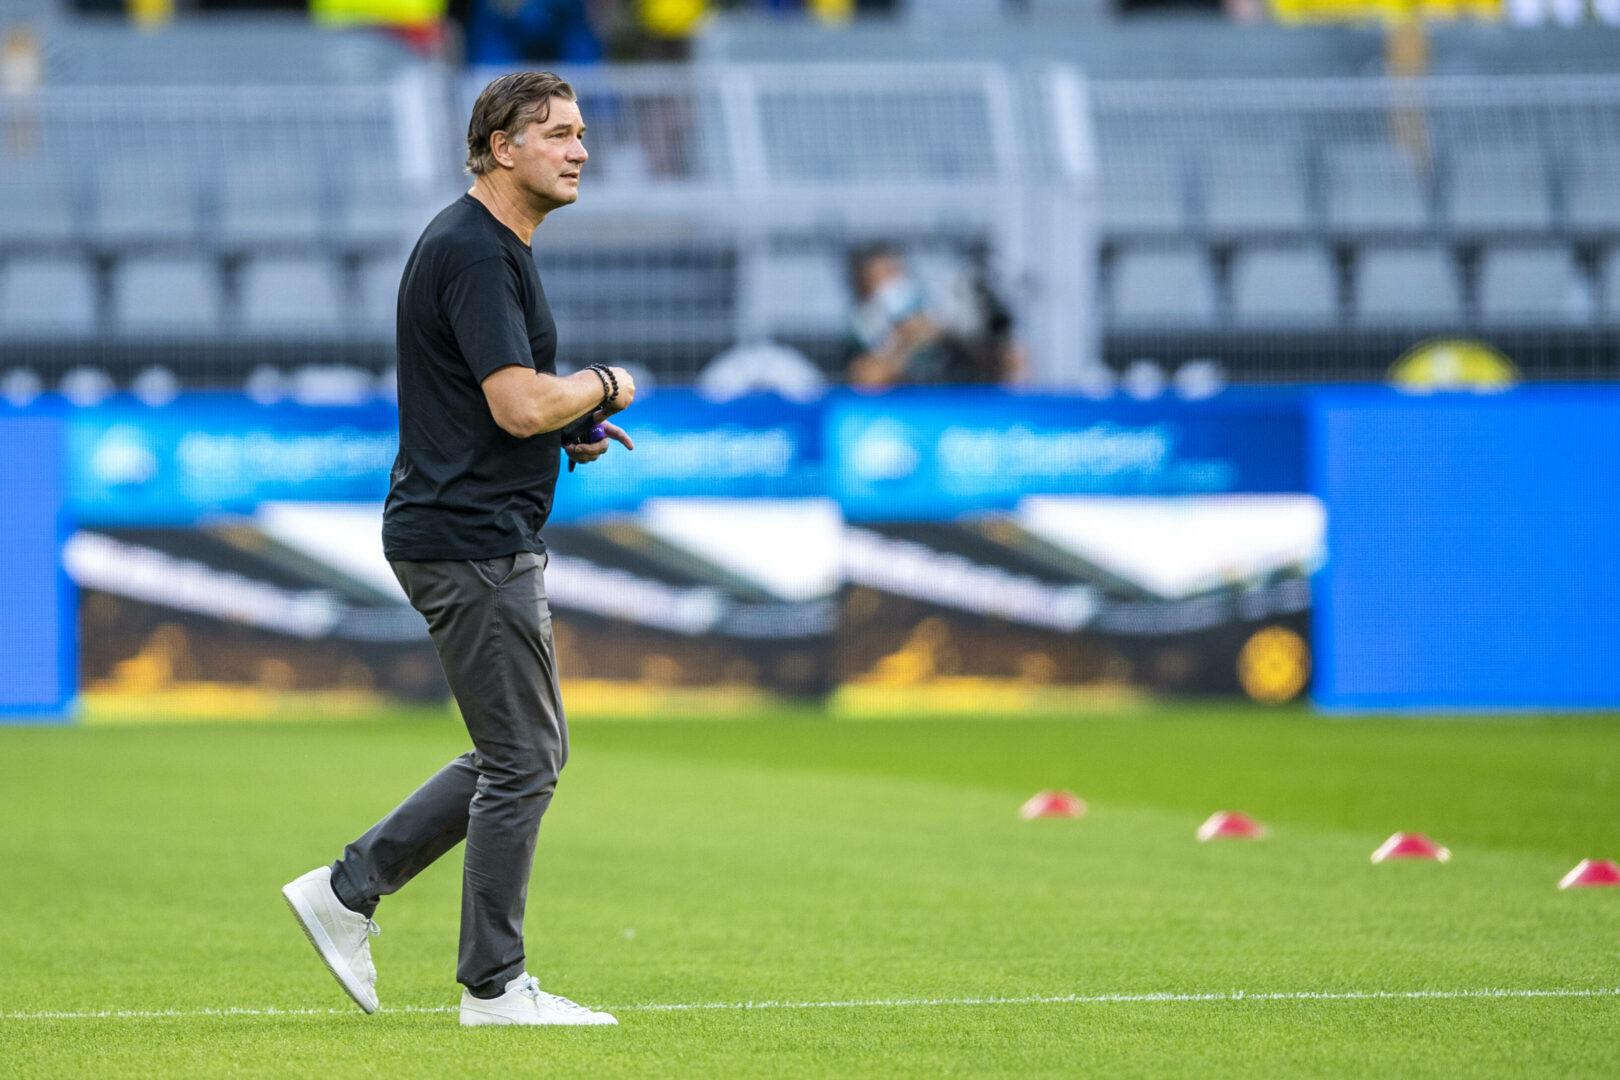 """BVB-Sportdirektor Zorc: """"Gibt größere Titel, aber wenn wir hier spielen, wollen wir gewinnen"""""""